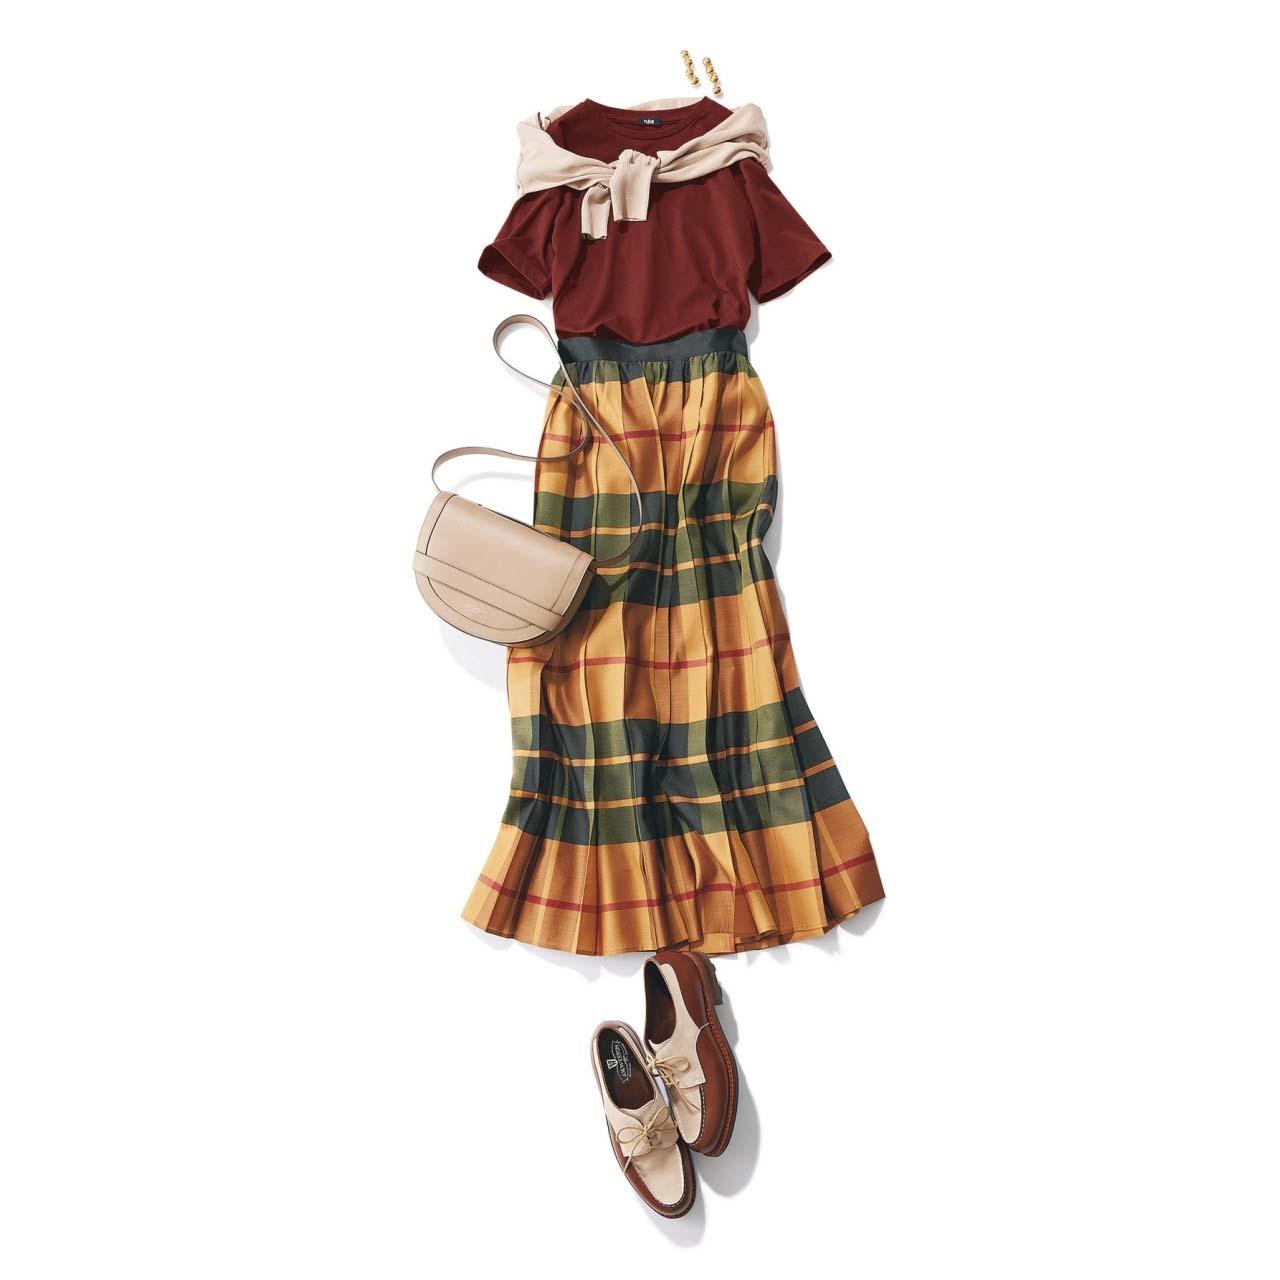 Tシャツ×チェック柄スカートの「スパイス ブラウン」コーデ